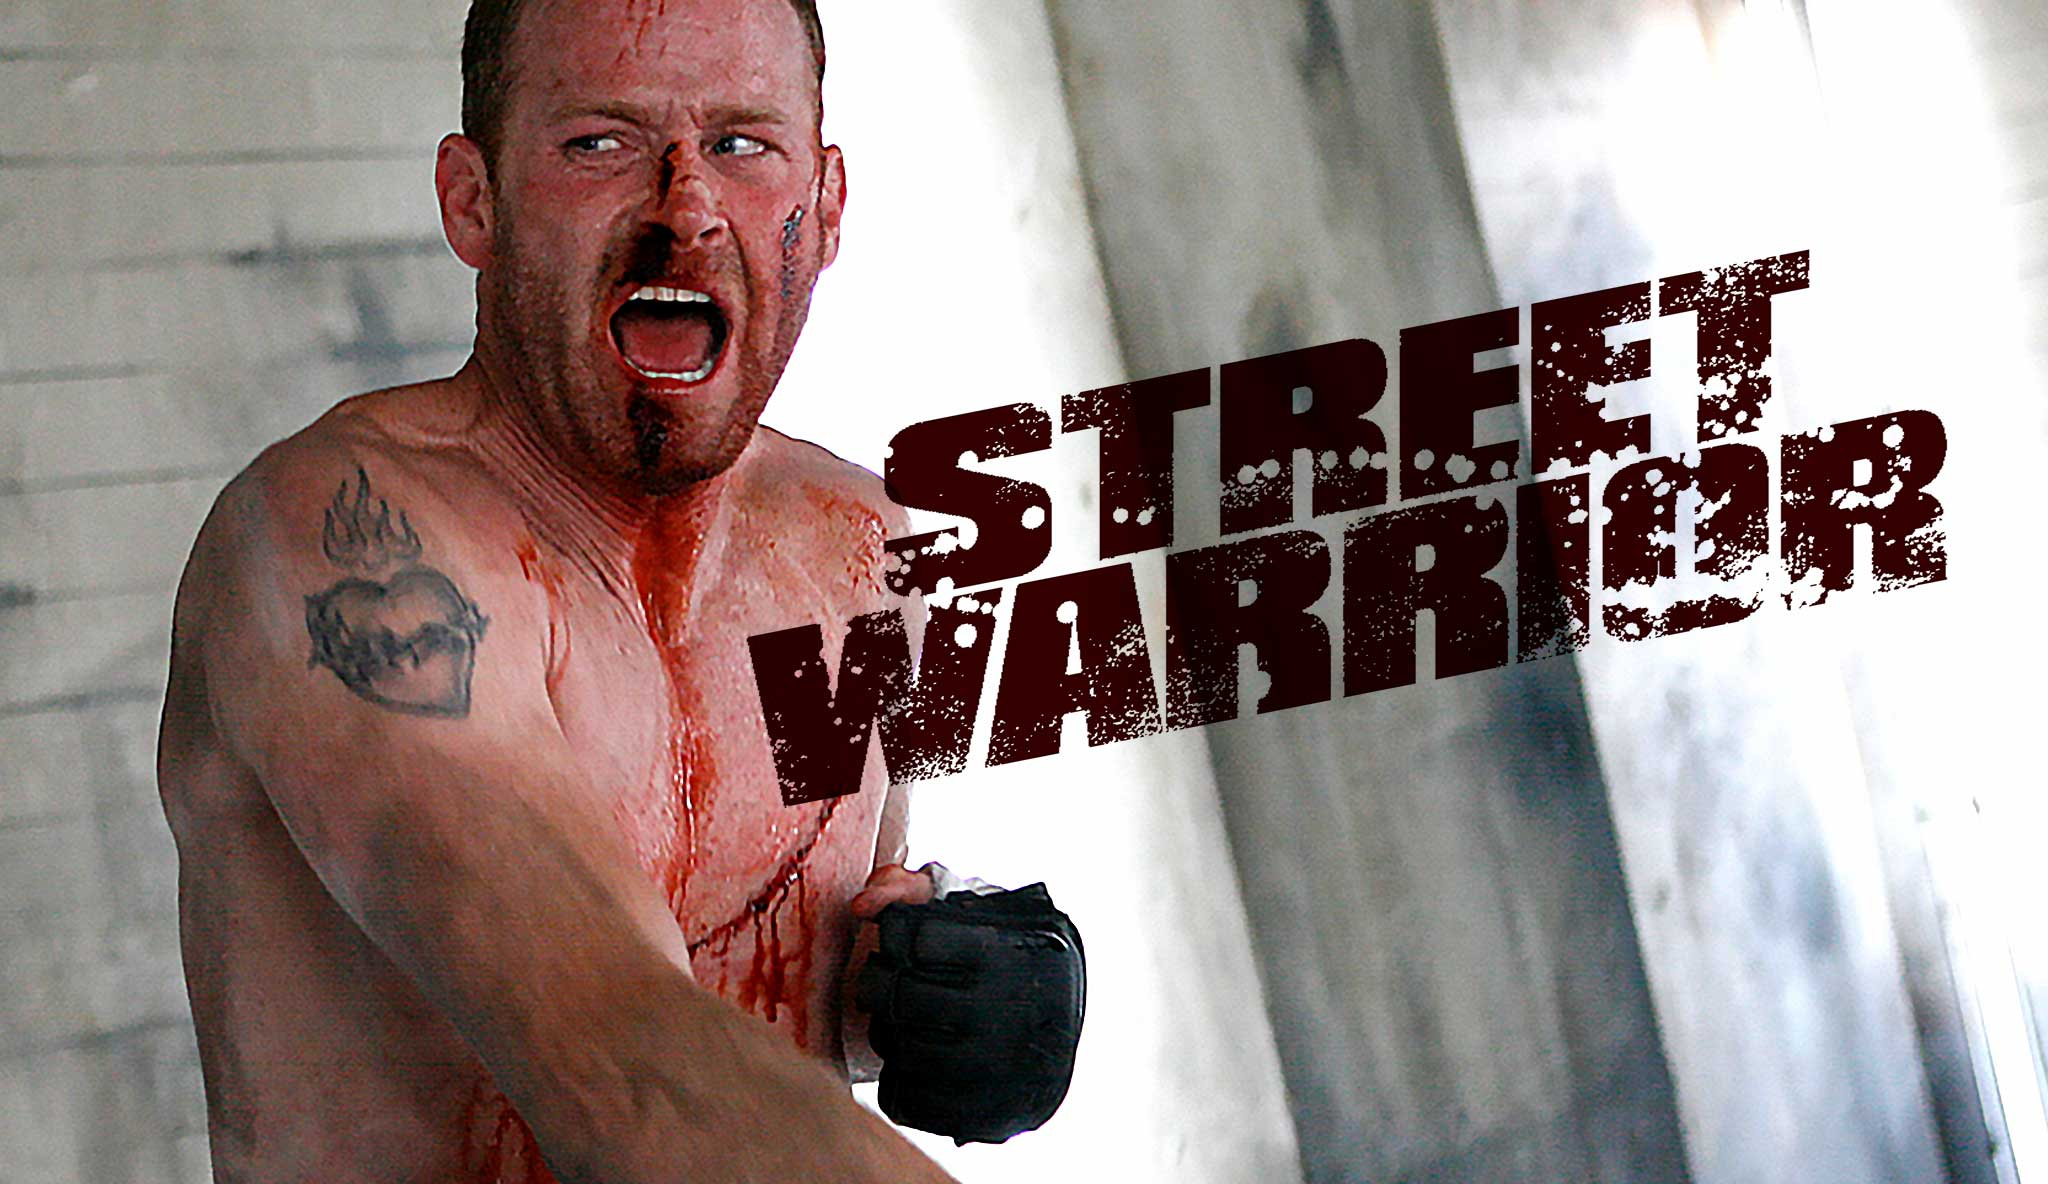 street-warrior-fight-for-survival\header.jpg